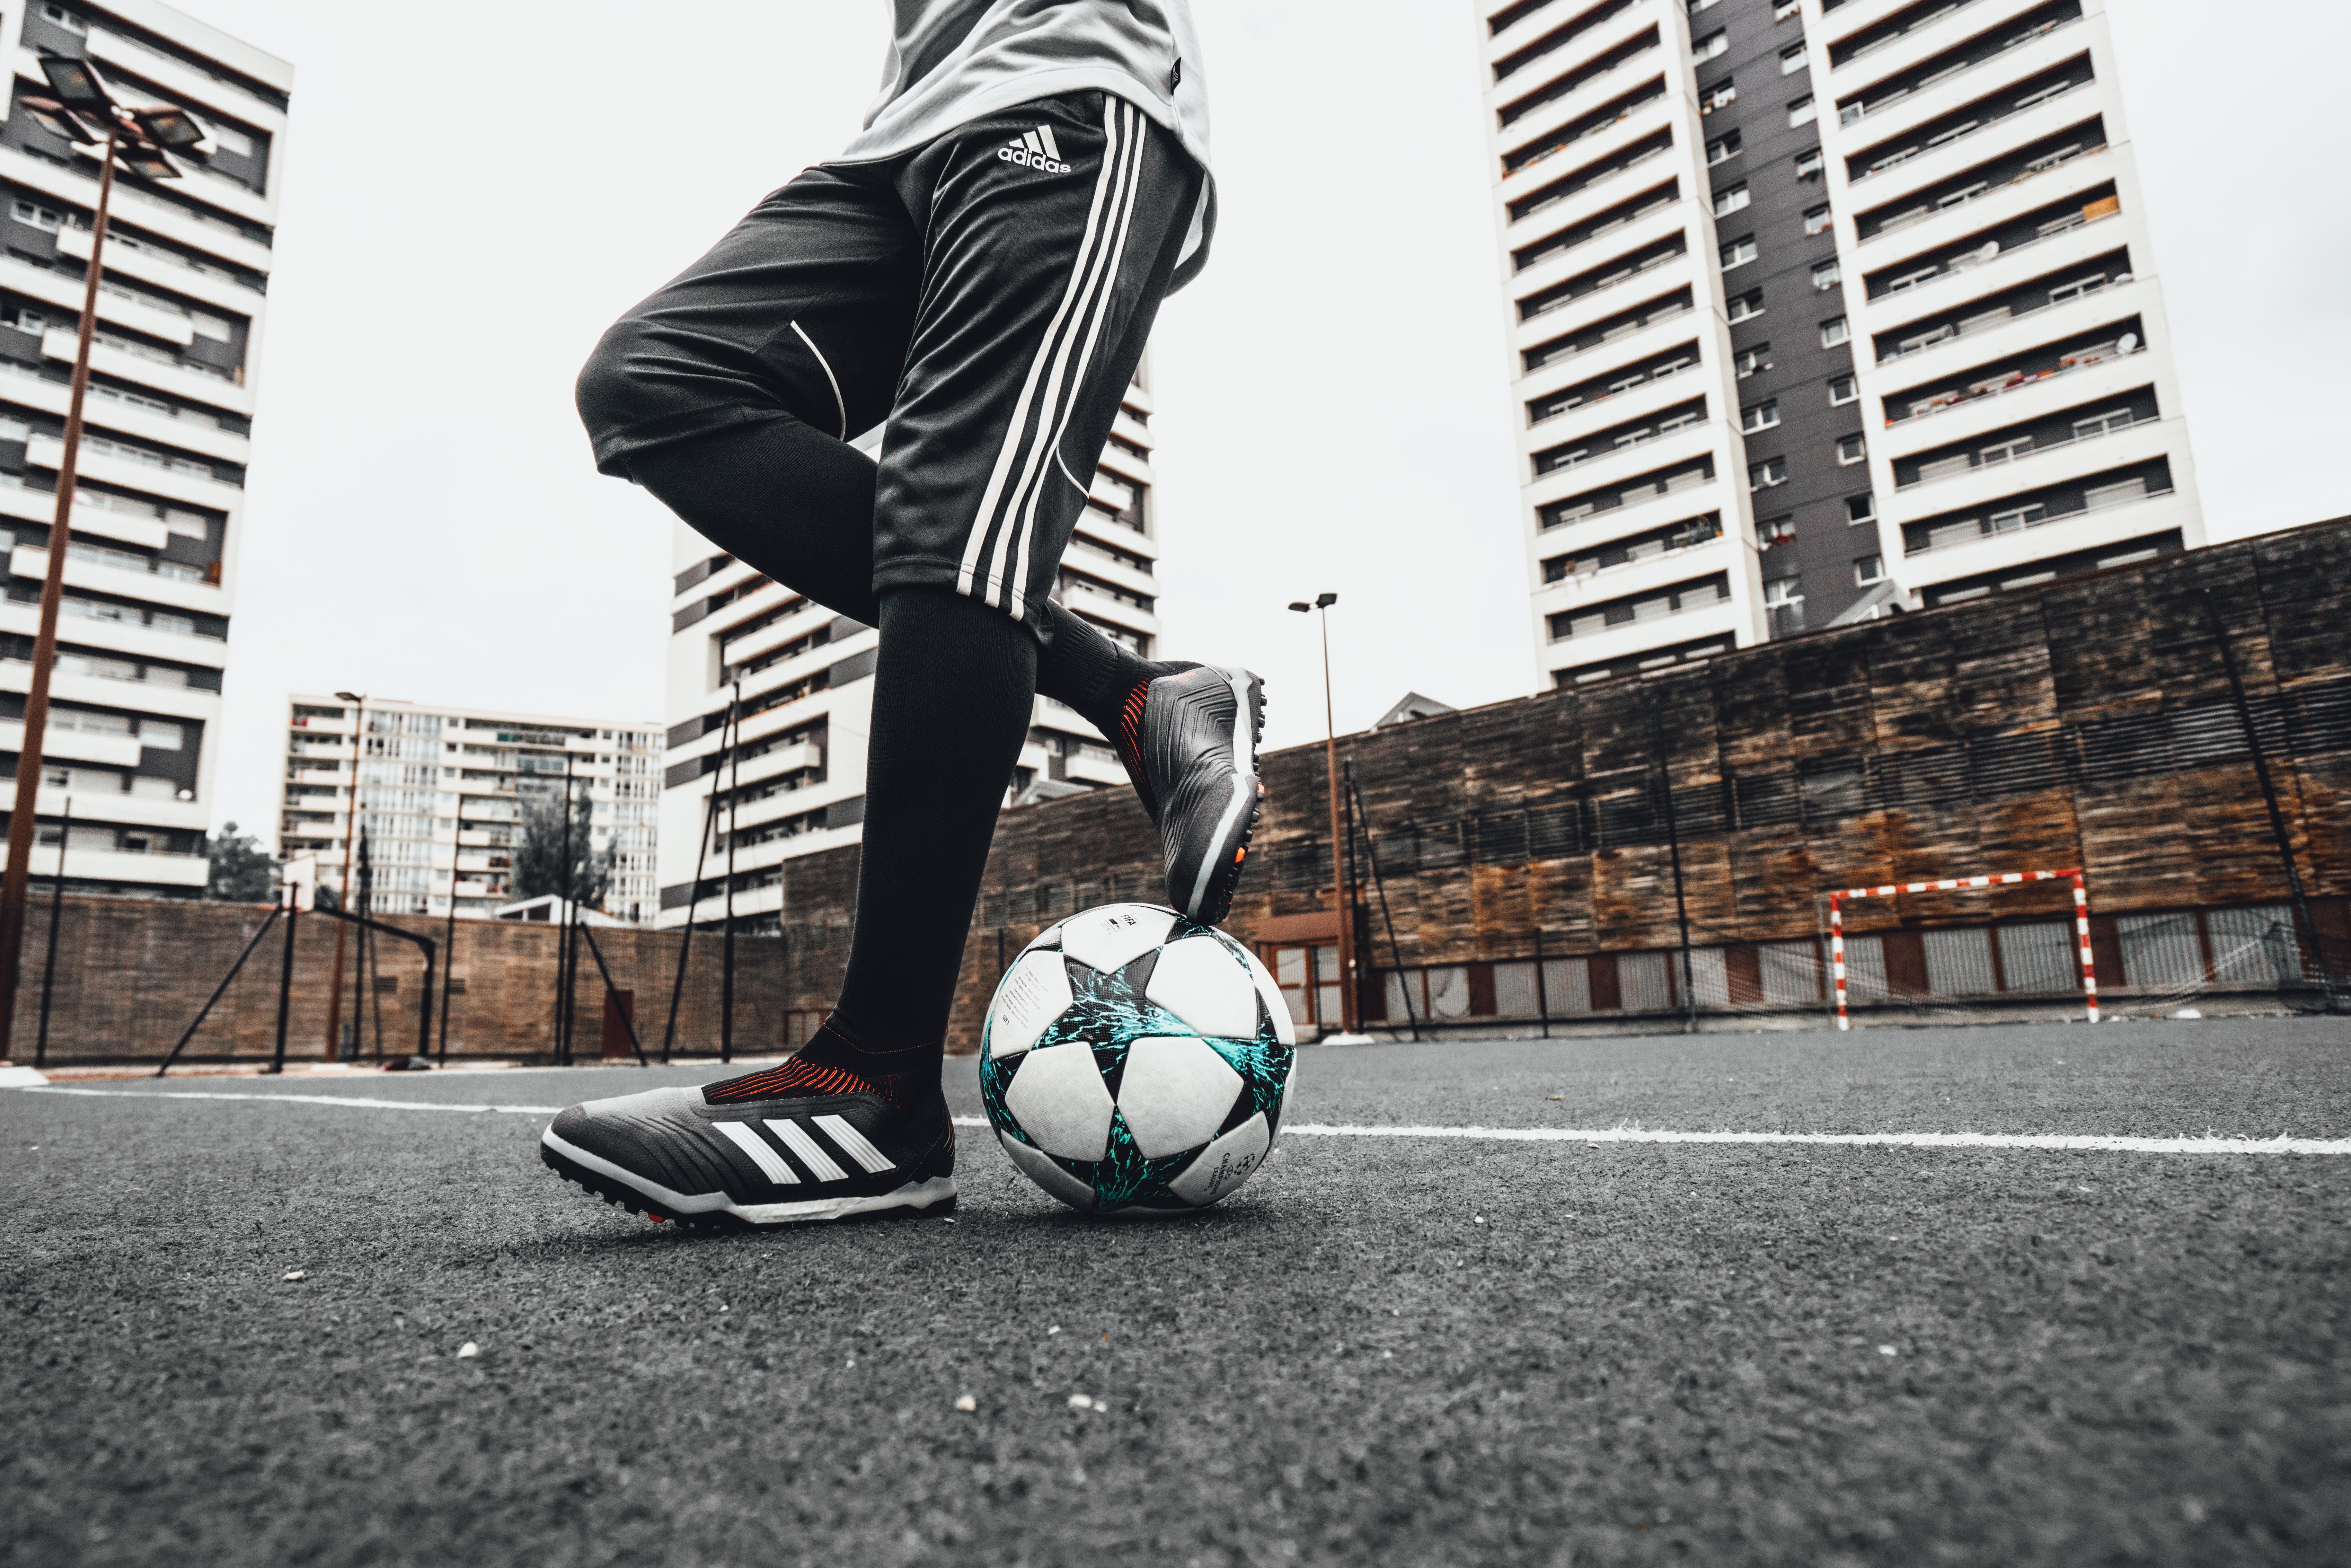 Visszatér az ikonikus adidas Predator - Marketing - Mediapiac.com f8abcfa815